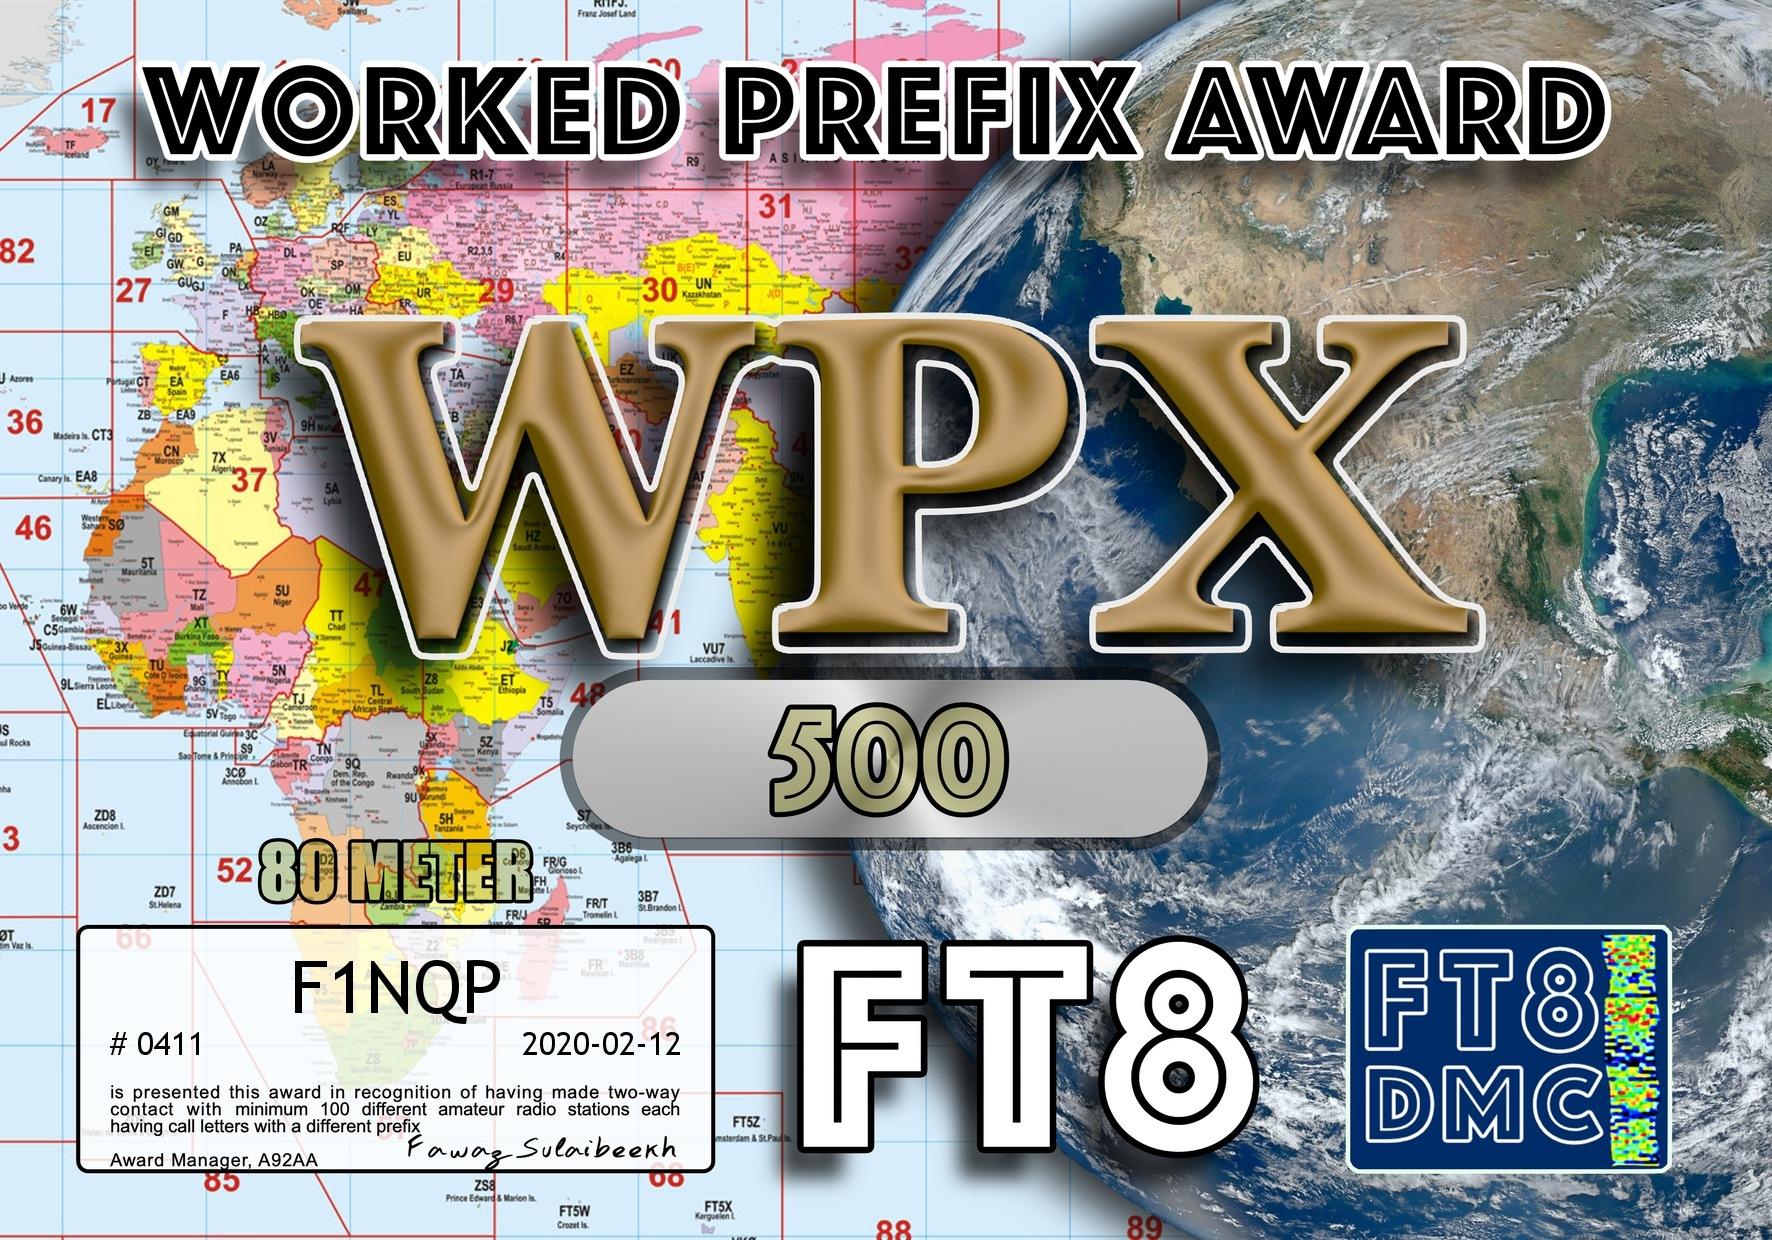 F1NQP-WPX80-500.jpg